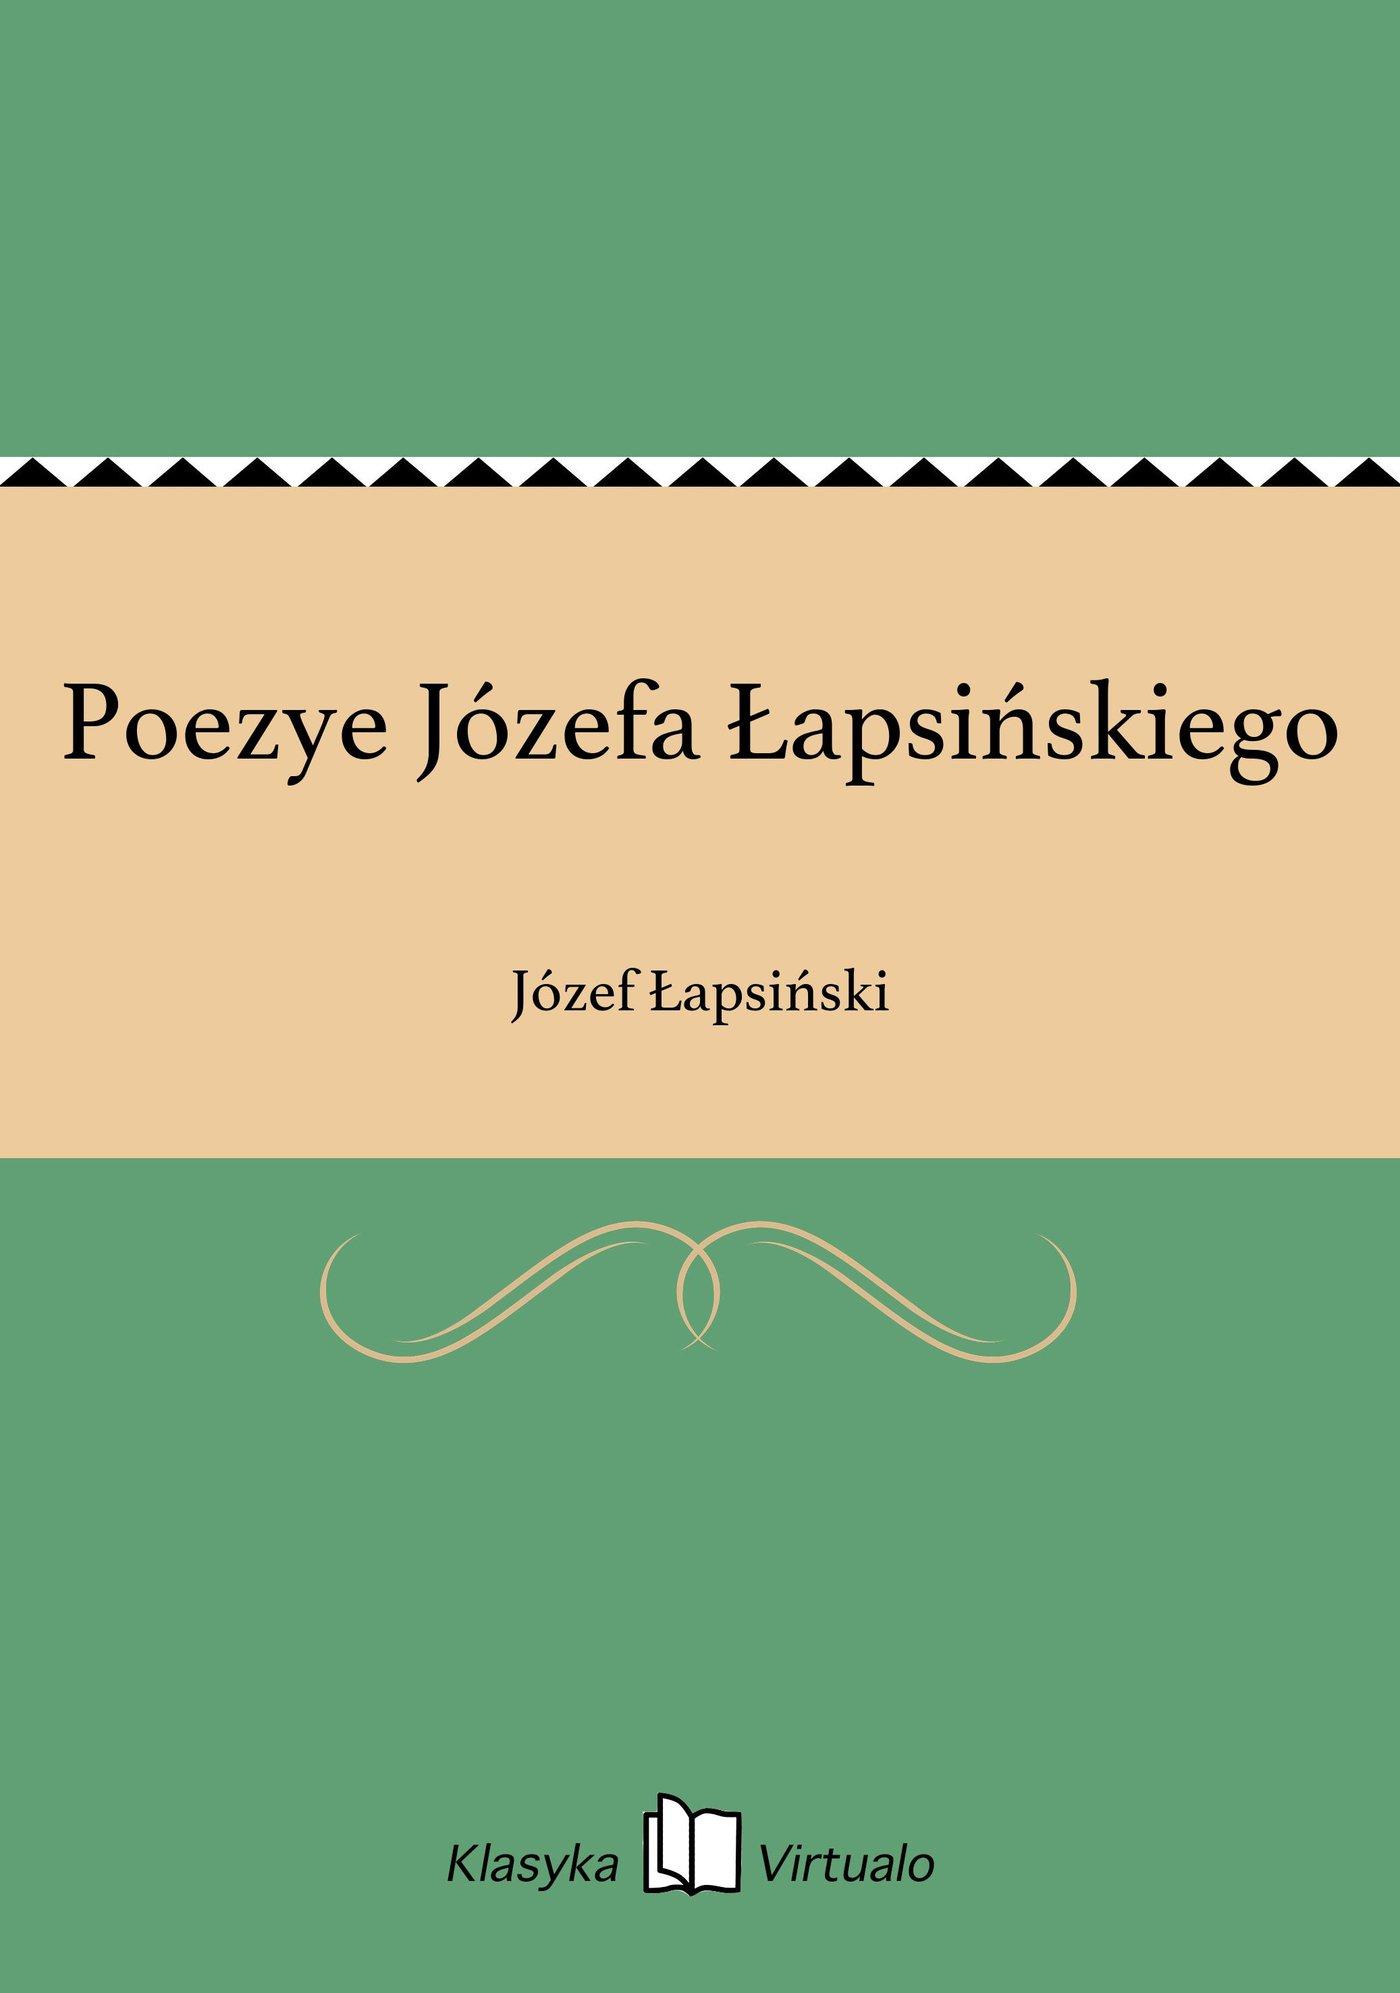 Poezye Józefa Łapsińskiego - Ebook (Książka EPUB) do pobrania w formacie EPUB